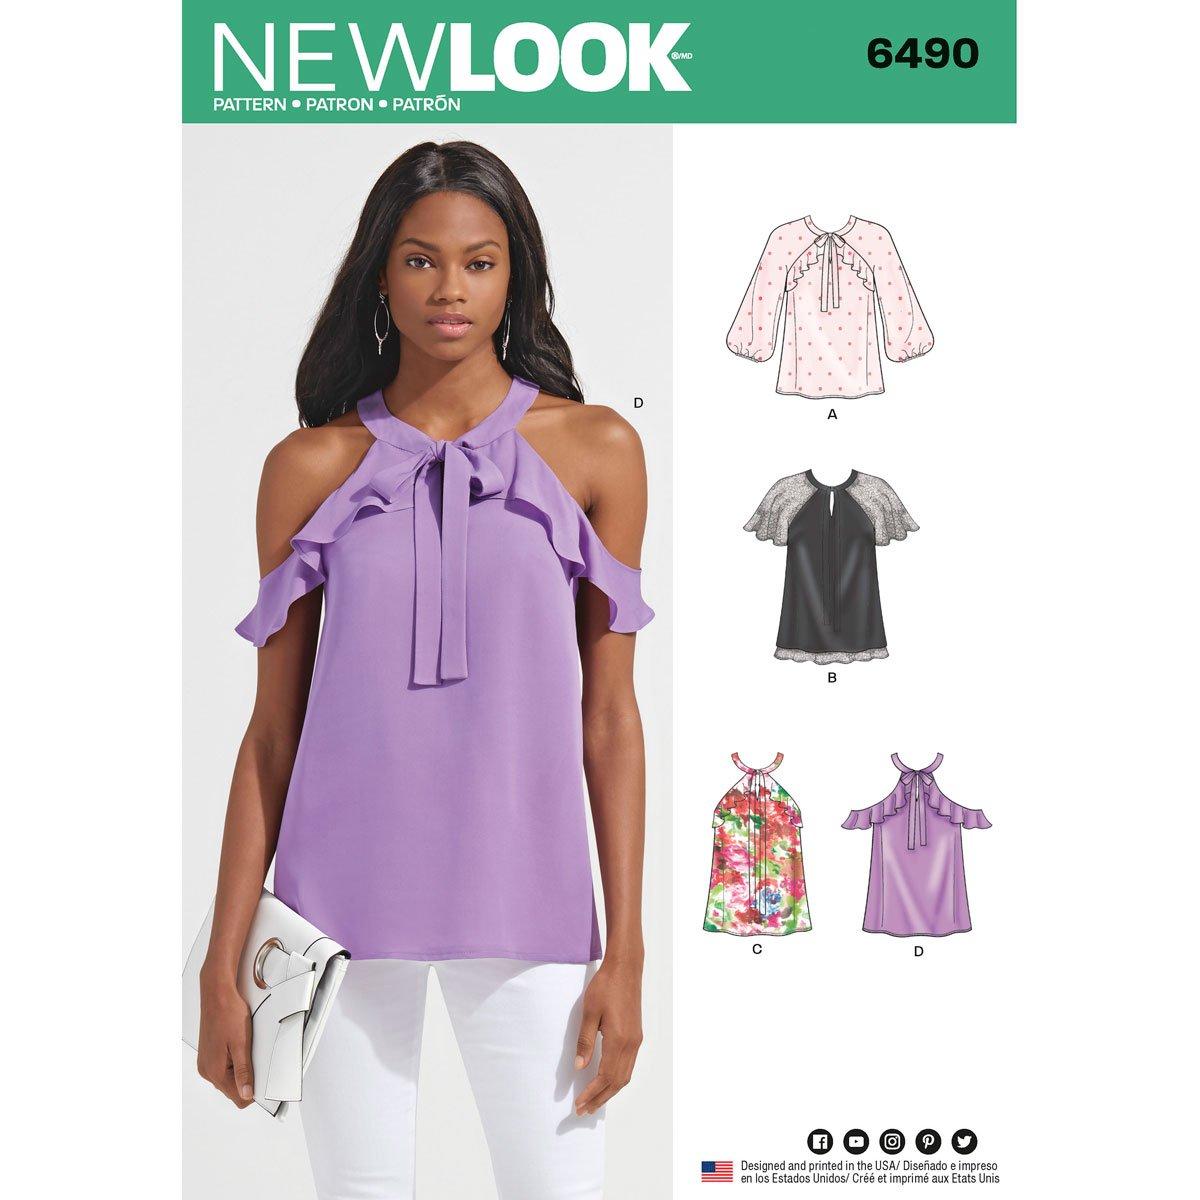 New Look Schnittmuster 6490 Schnittmuster Blusen mit verschiedenen ...